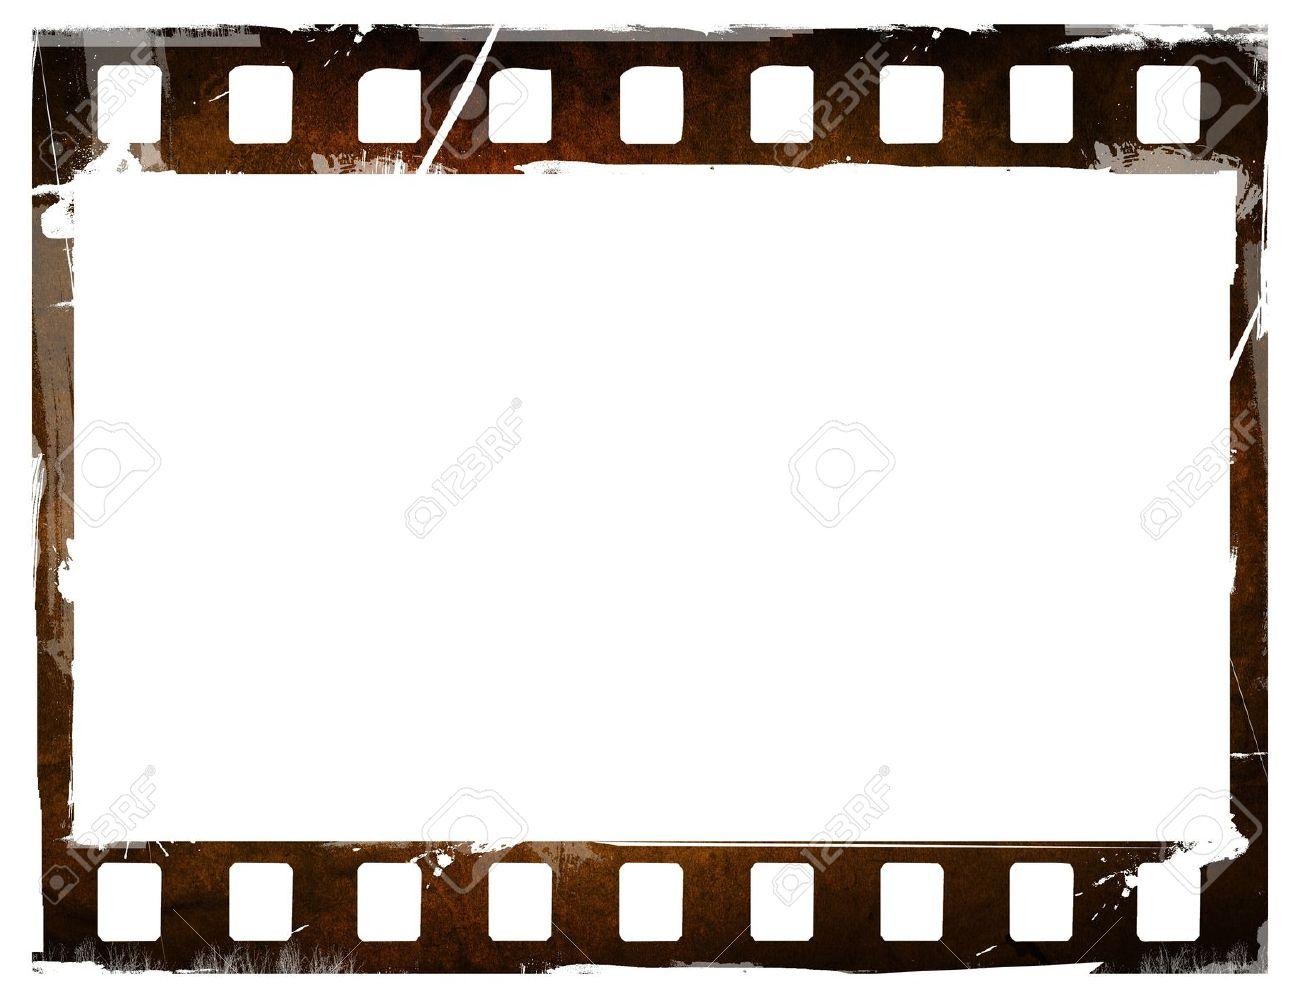 Toller Film Strip Für Texturen Und Hintergründe-frame Lizenzfreie ...